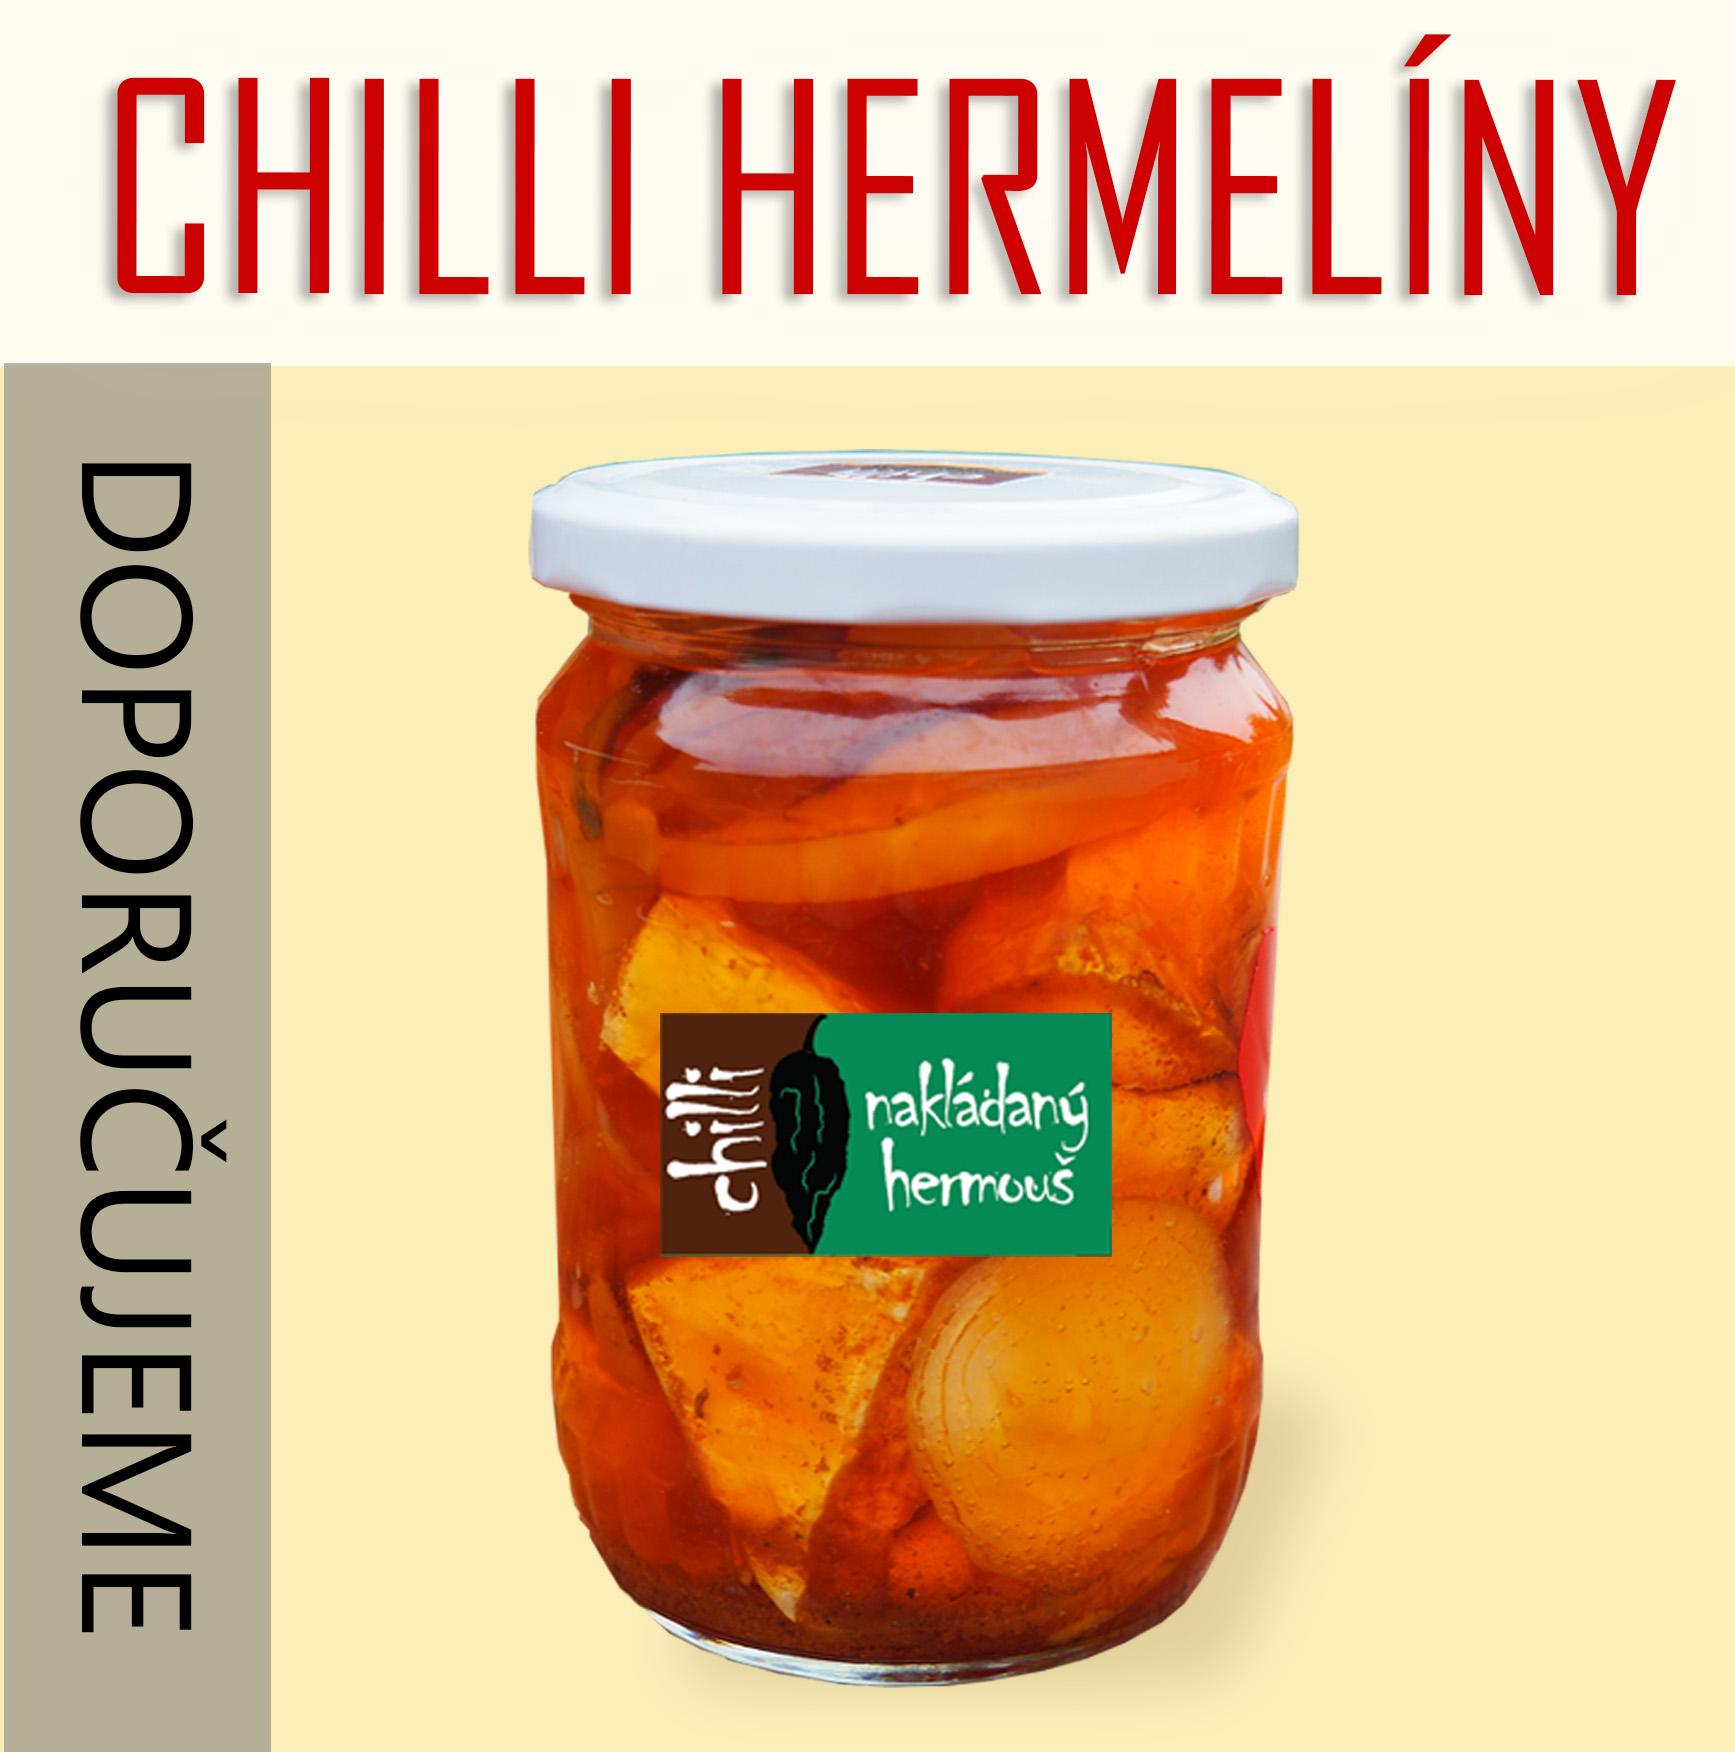 Chilli nakládané hermelíny jsou delikatesou mezi milovníky sýry a pálivého.